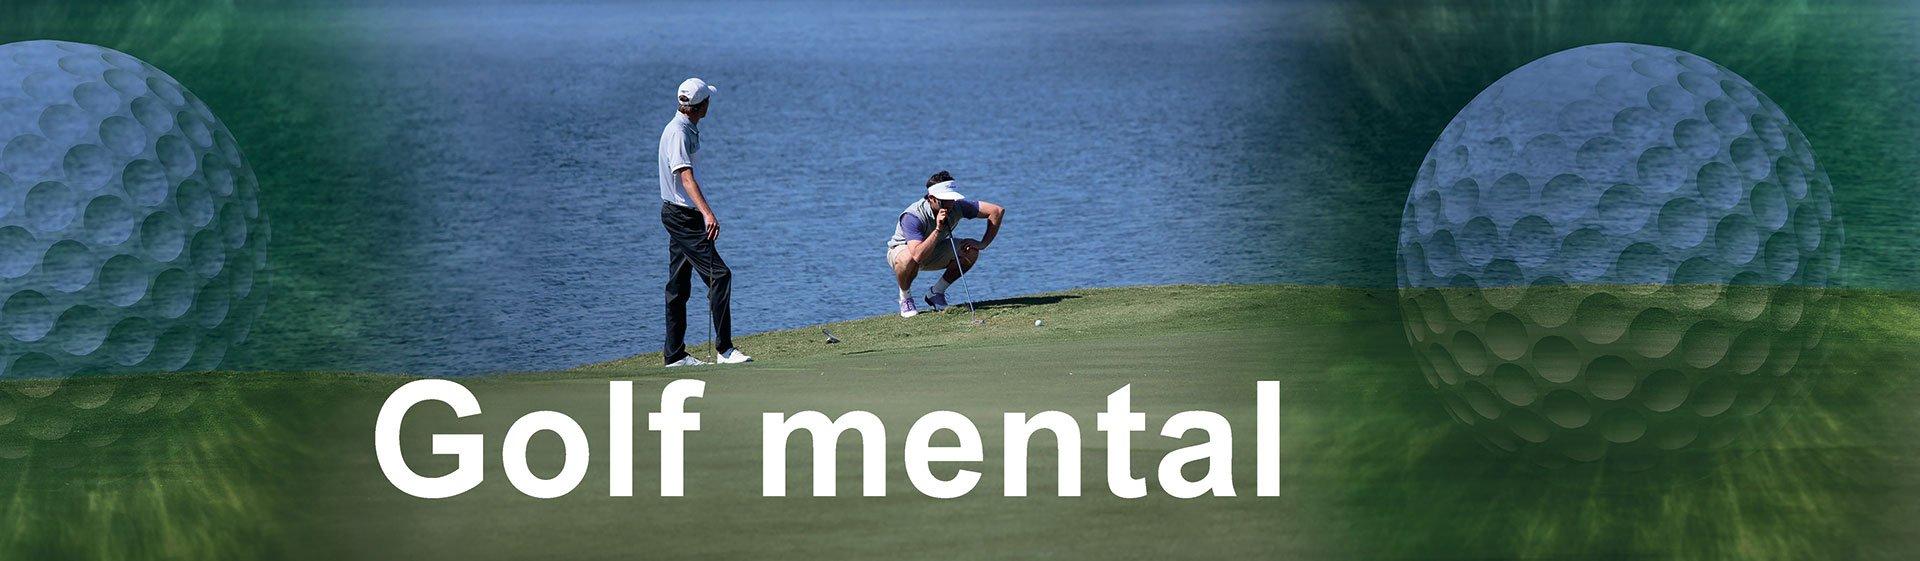 Online Kurs Golf mental: Erfolg durch Selbstmanagement